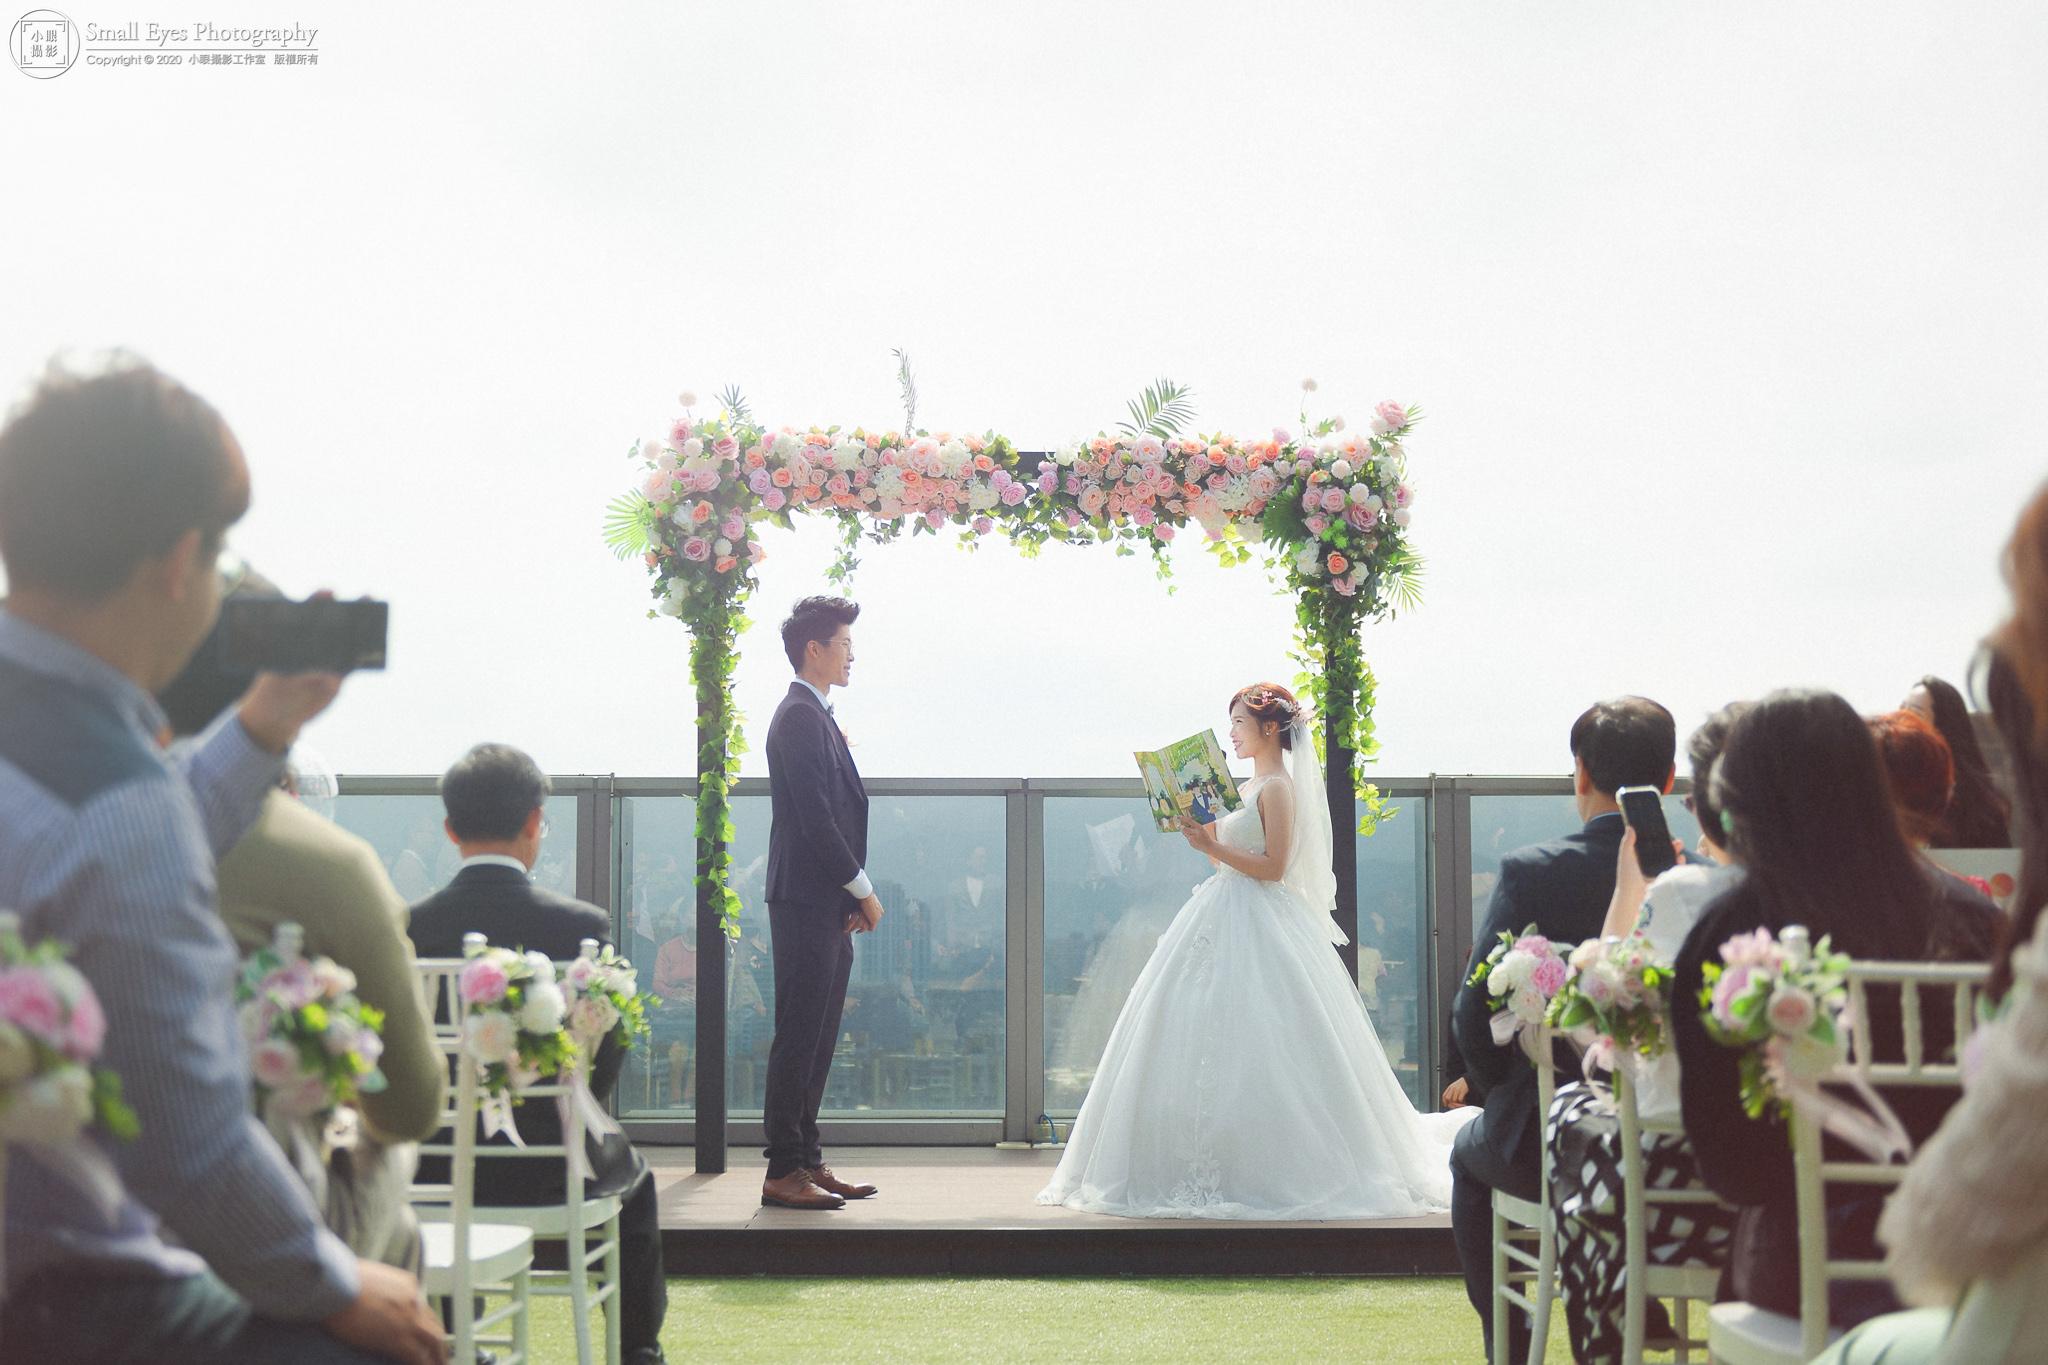 小眼攝影,傅祐承,婚禮攝影,婚攝,婚禮紀實,婚禮紀錄,貳月婚紗,新秘瓜瓜,迎娶,證婚,台北,格萊天漾,誓詞